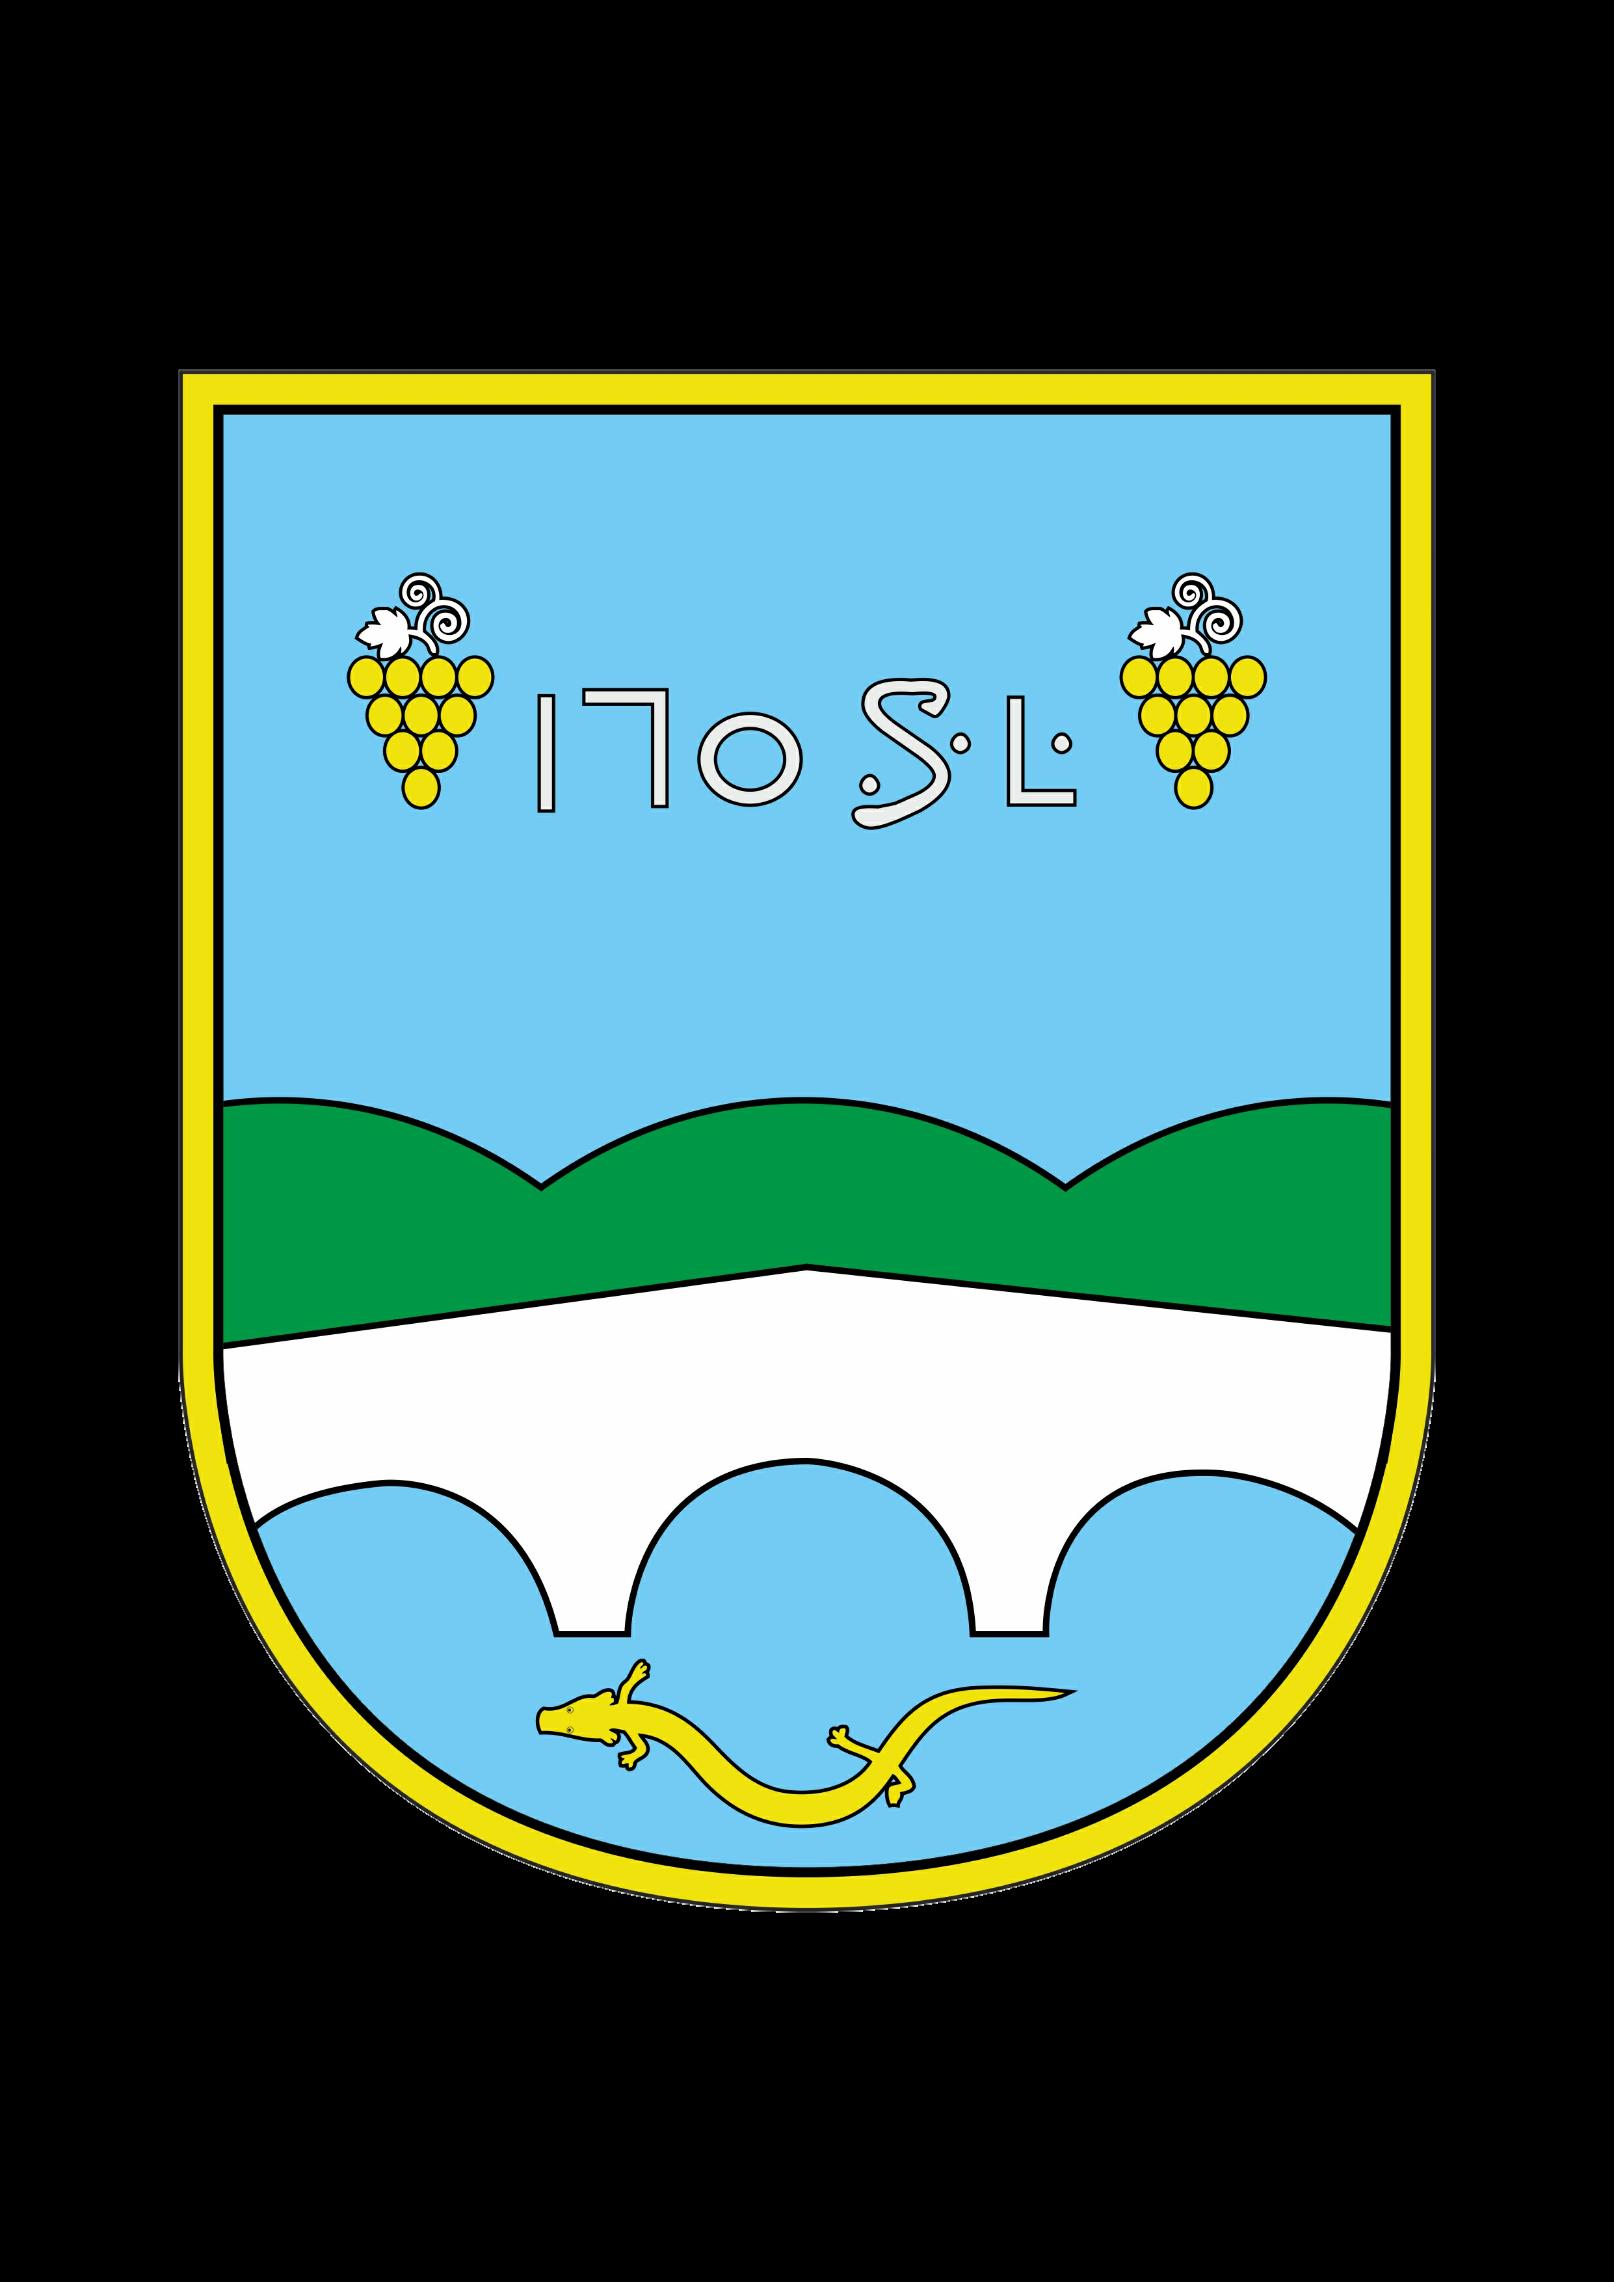 Općina Podbablje